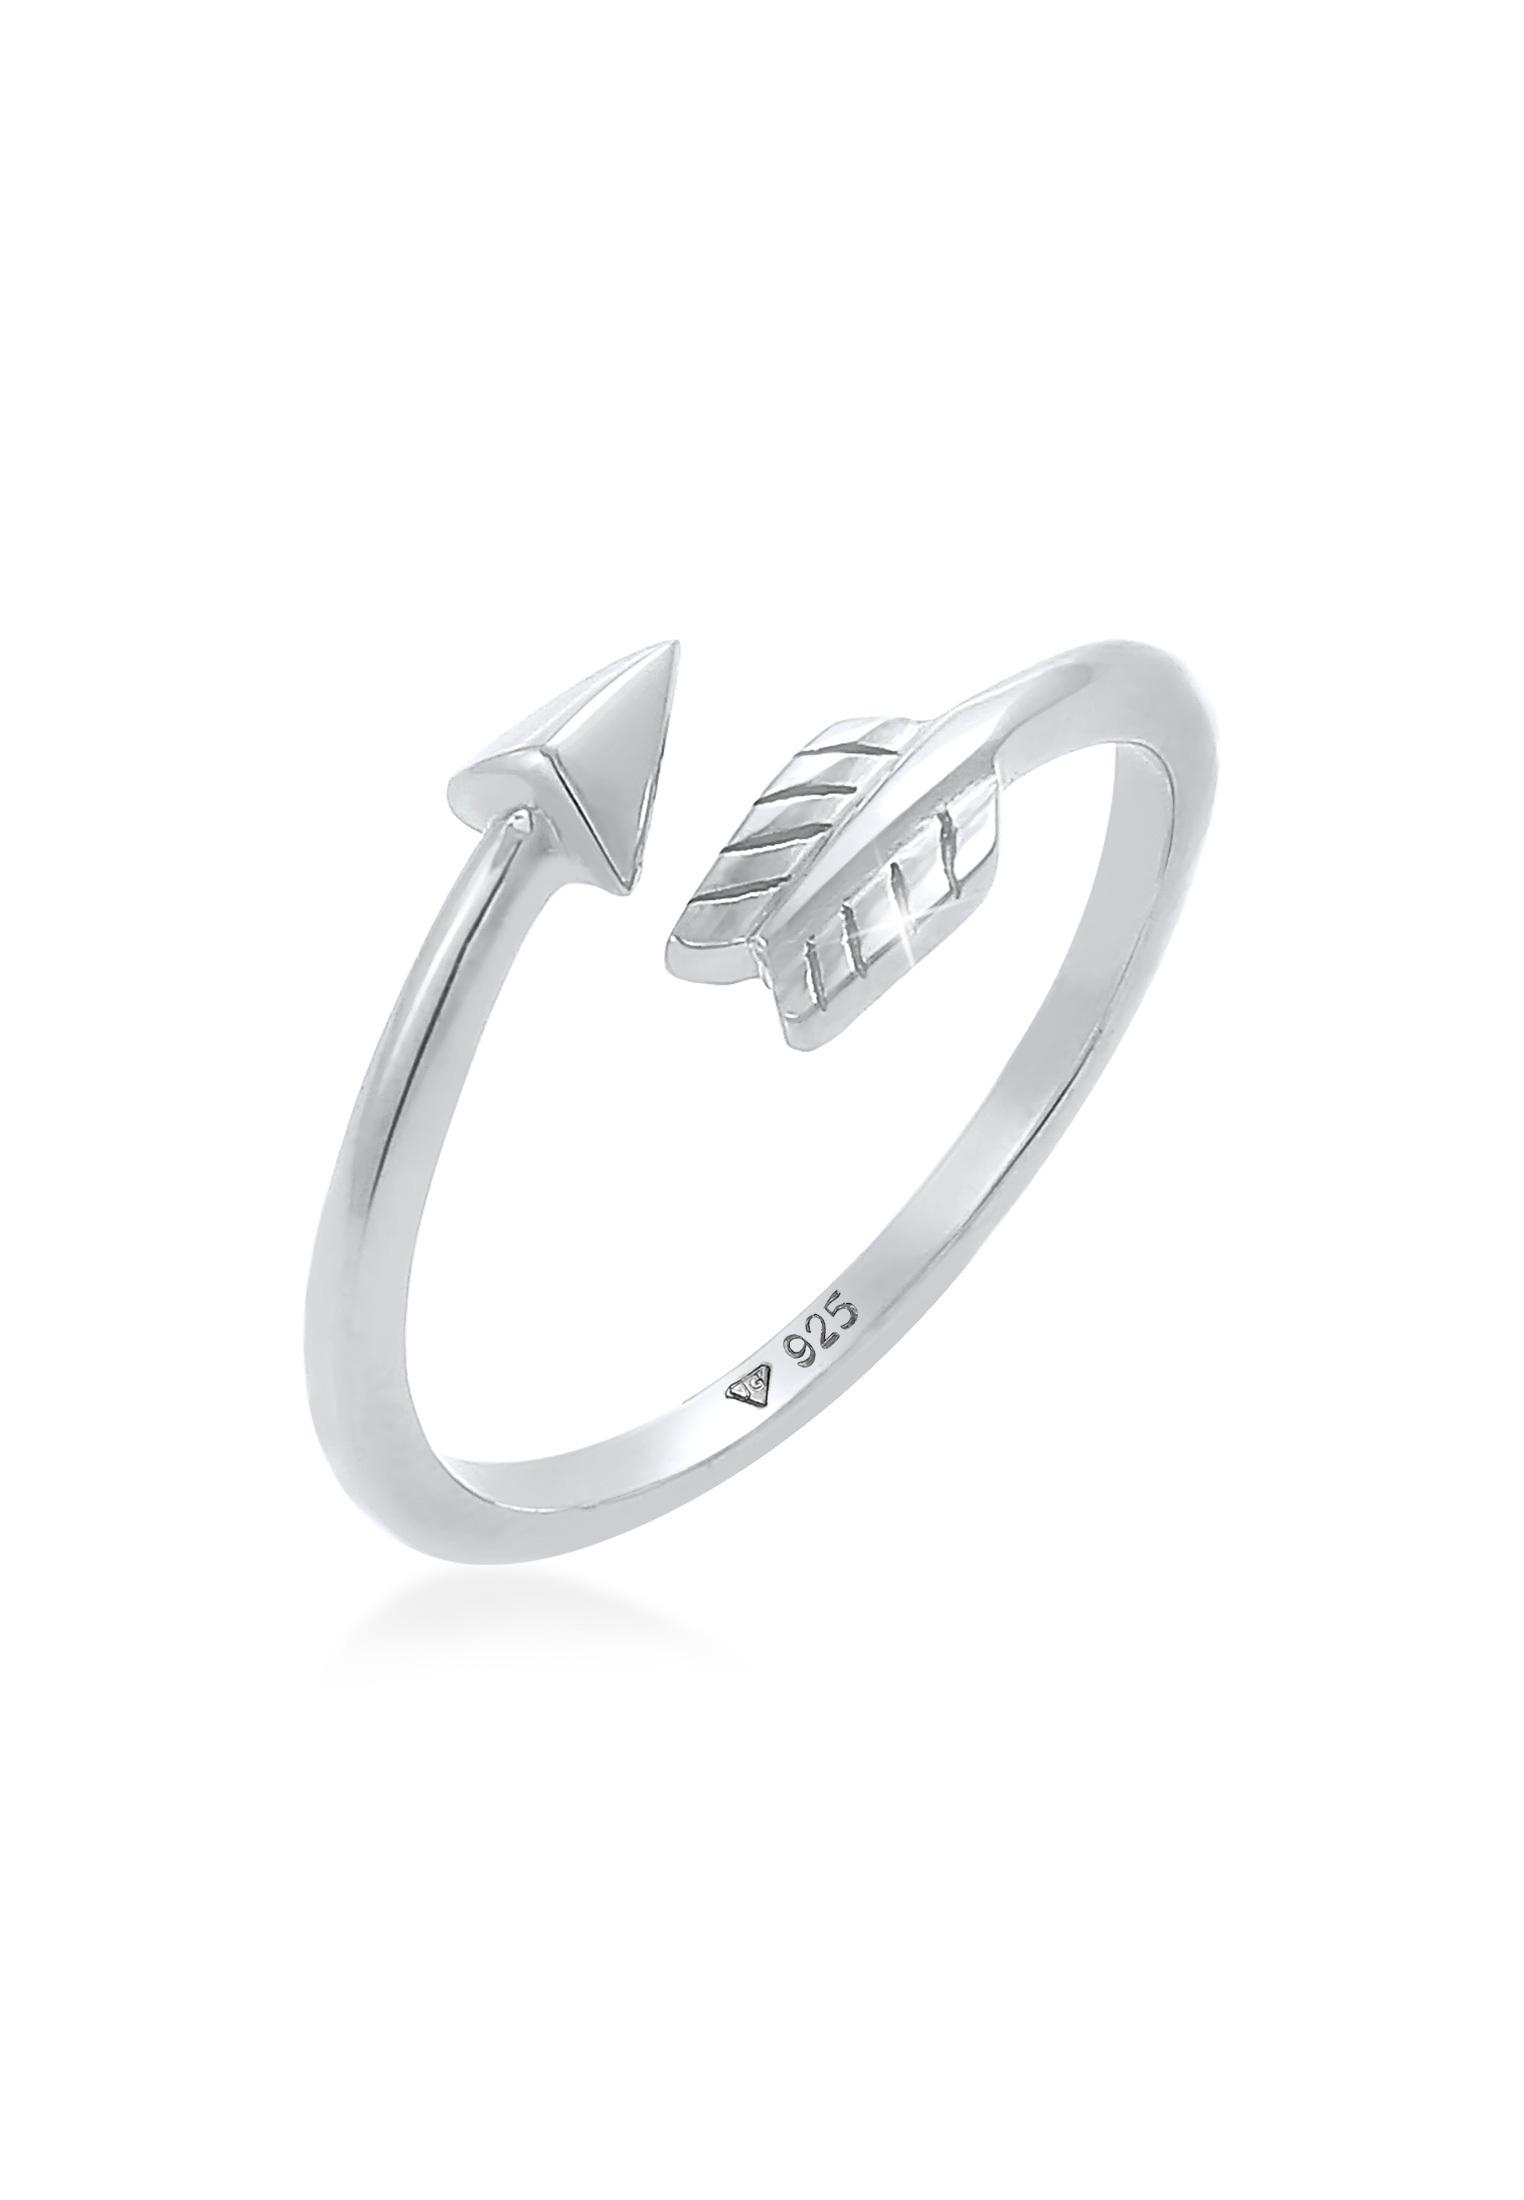 Ring Pfeil | 925er Sterling Silber